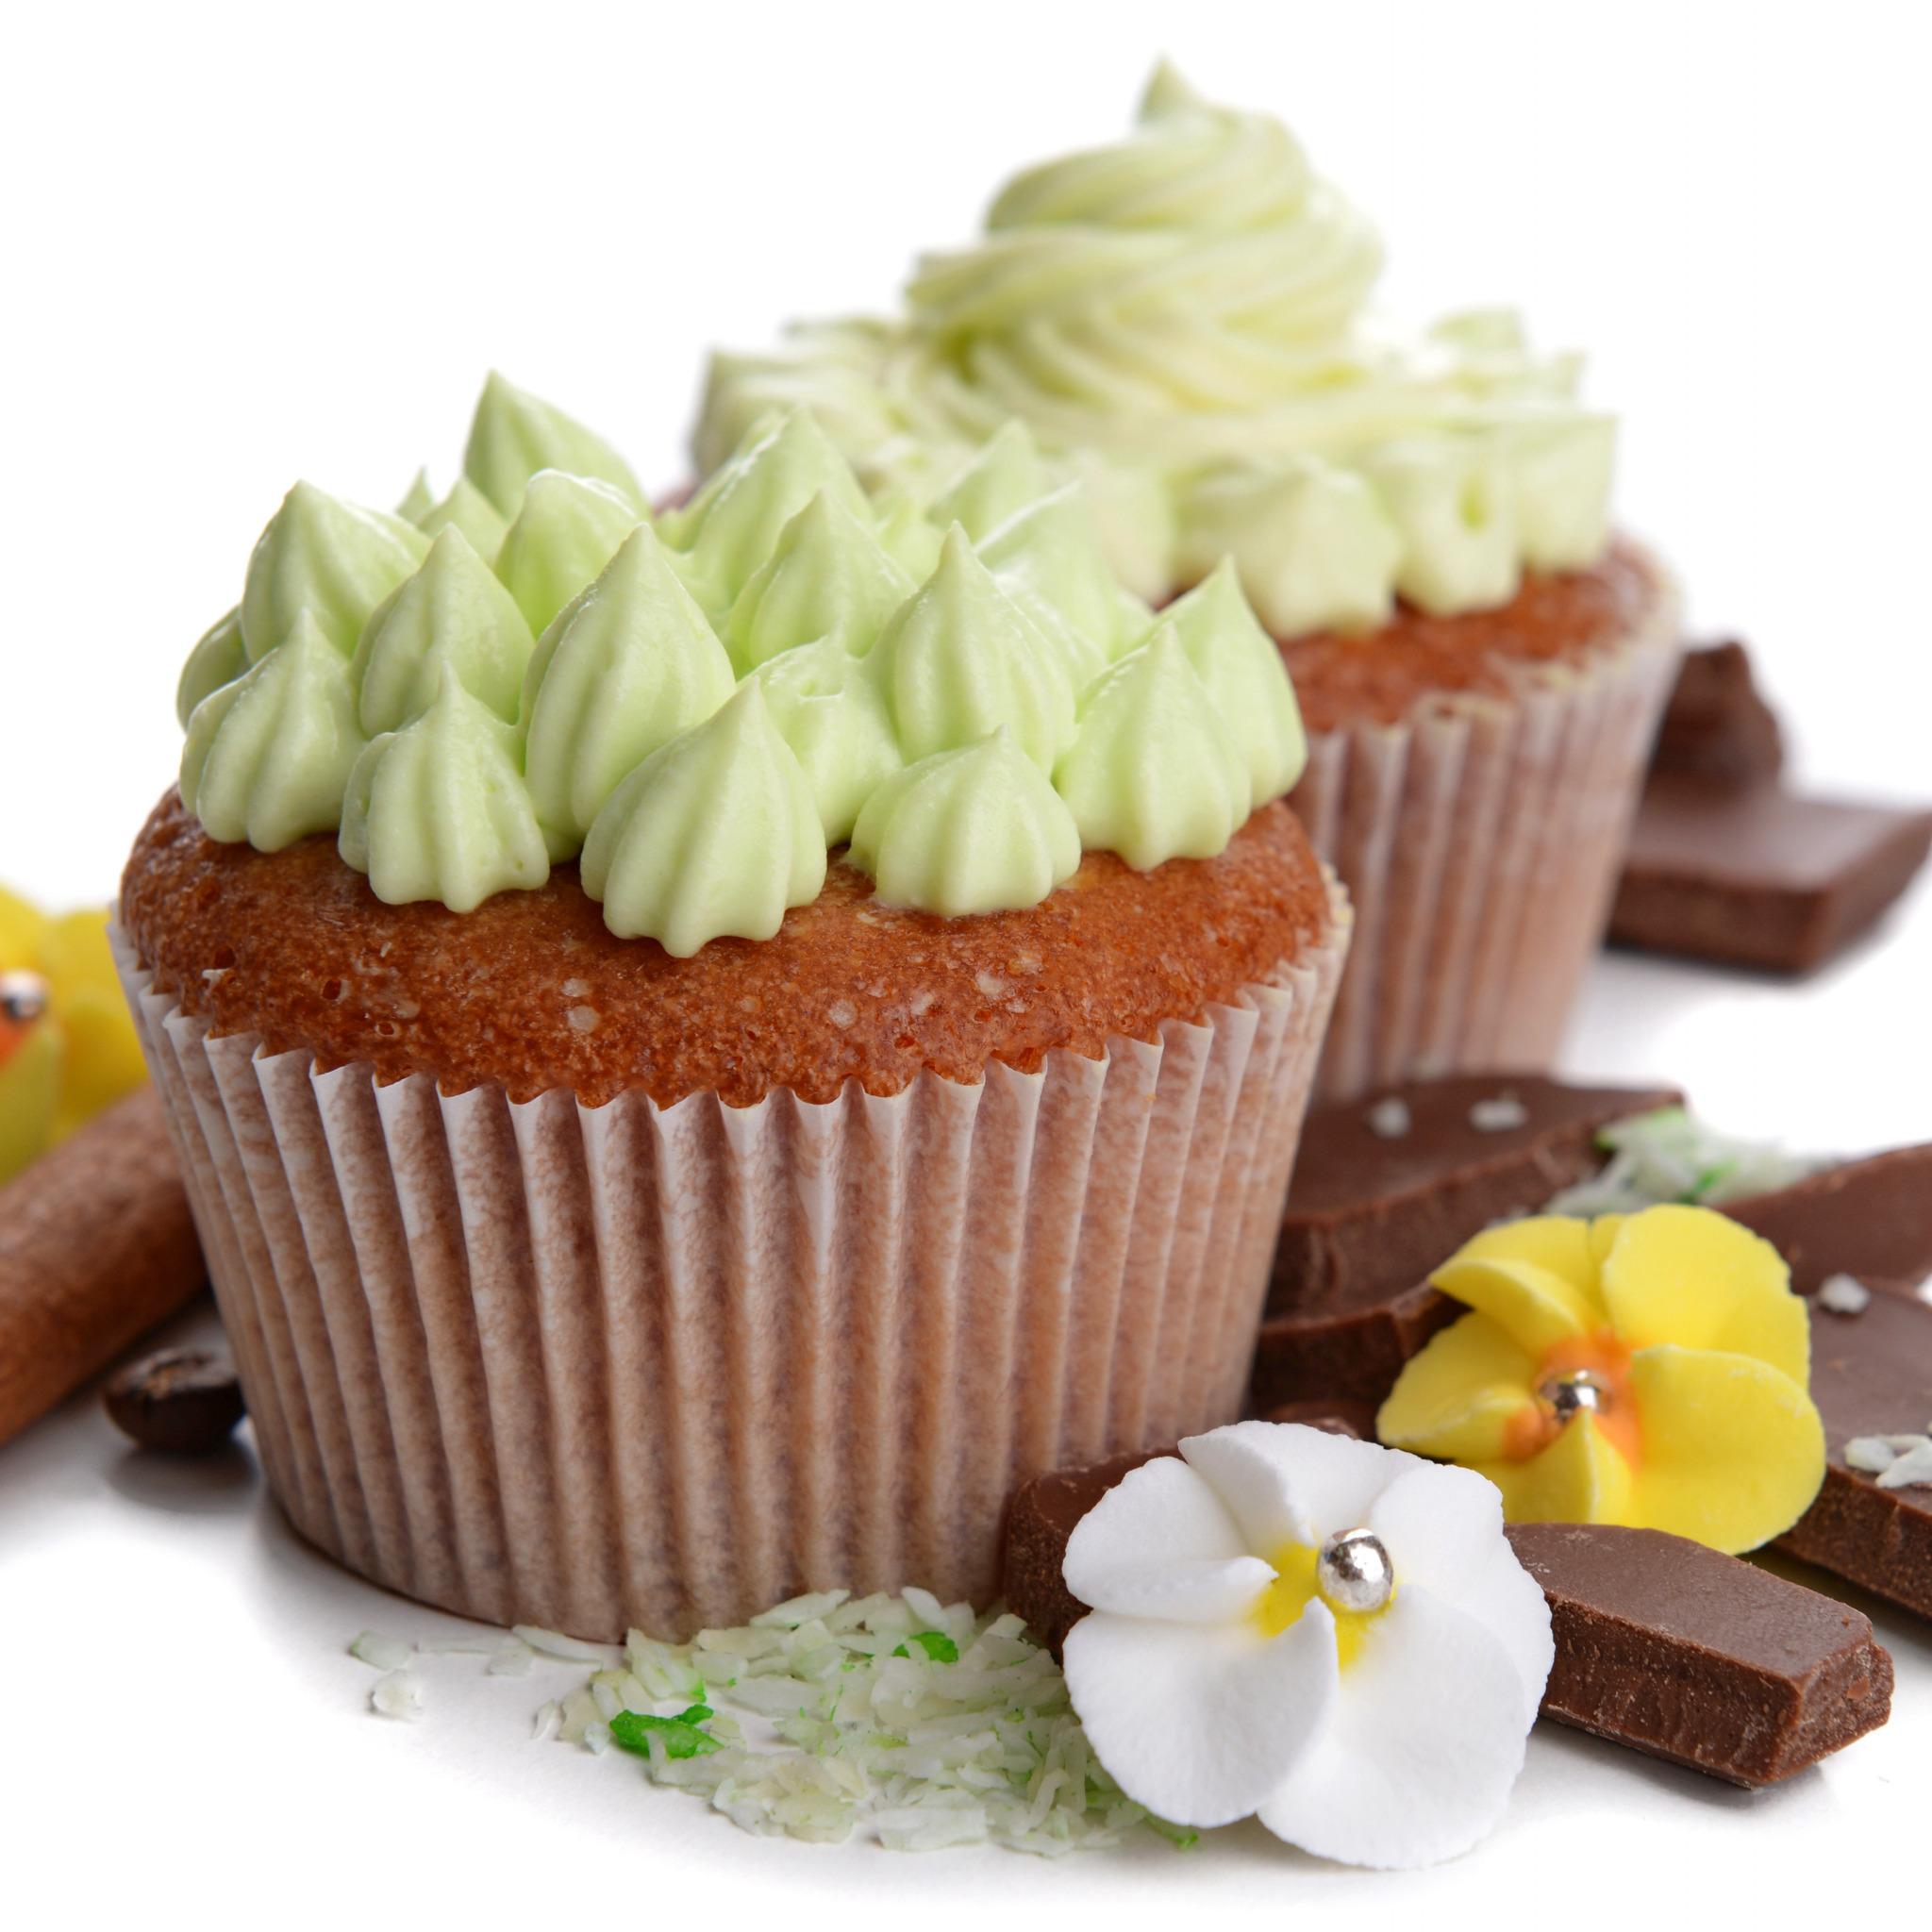 Картинки с изображением пирожного